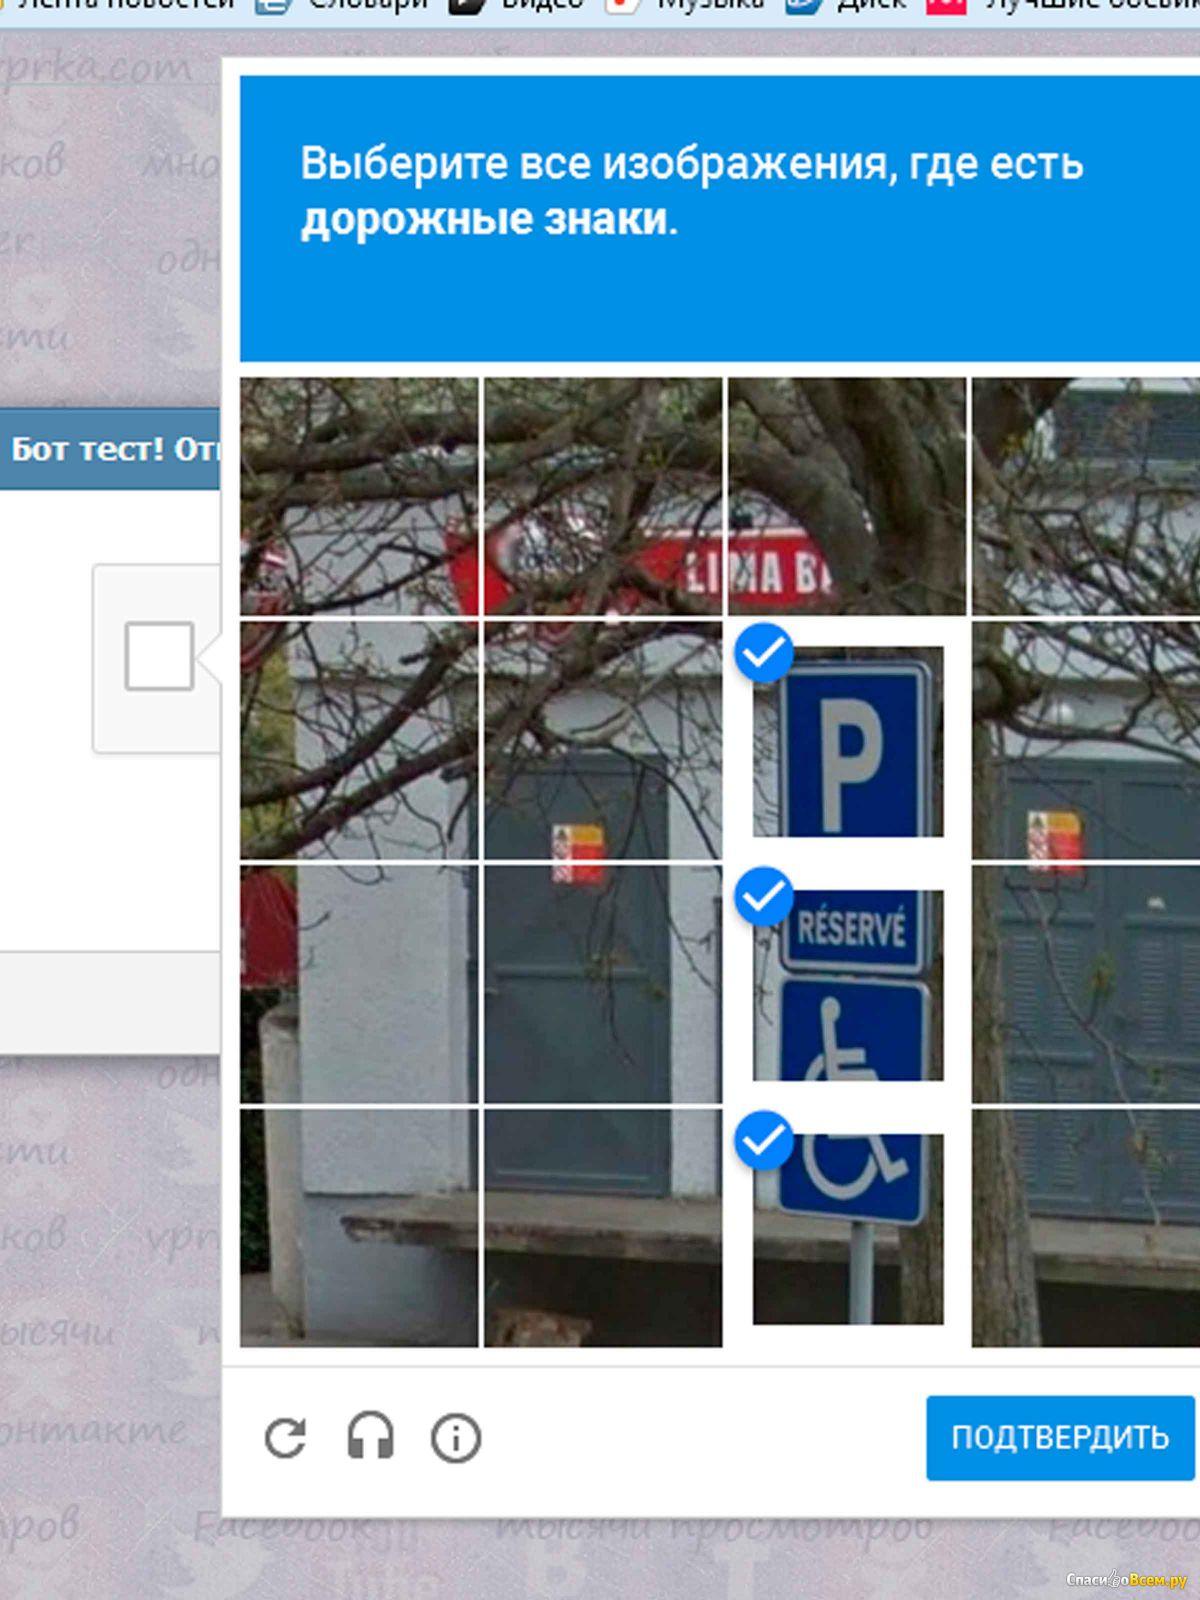 выберите картинки где есть дорожные знаки темно-вишневому окрасу лепестков